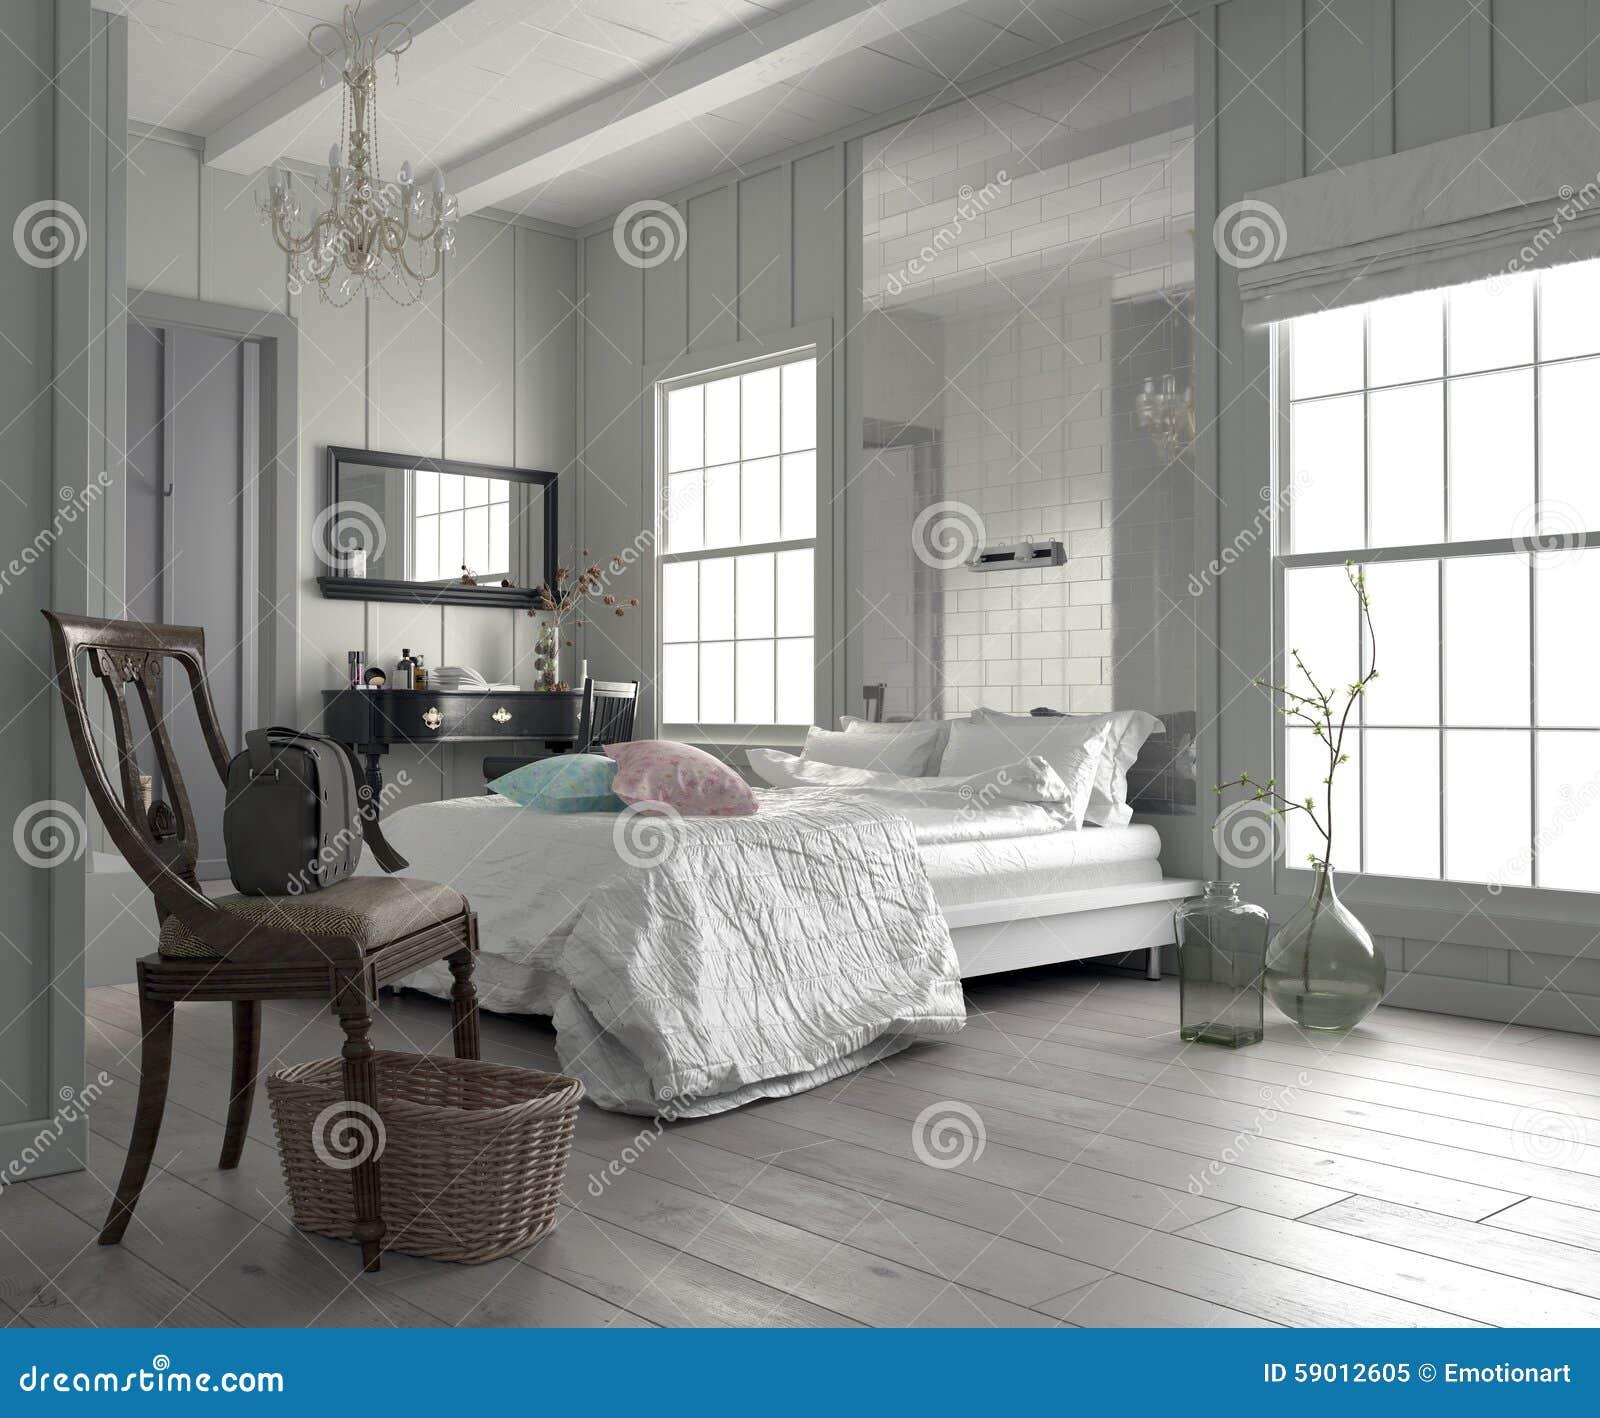 Grande camera da letto bianca moderna spaziosa immagine stock immagine di mobilia hotel 59012605 - Camera da letto grande ...